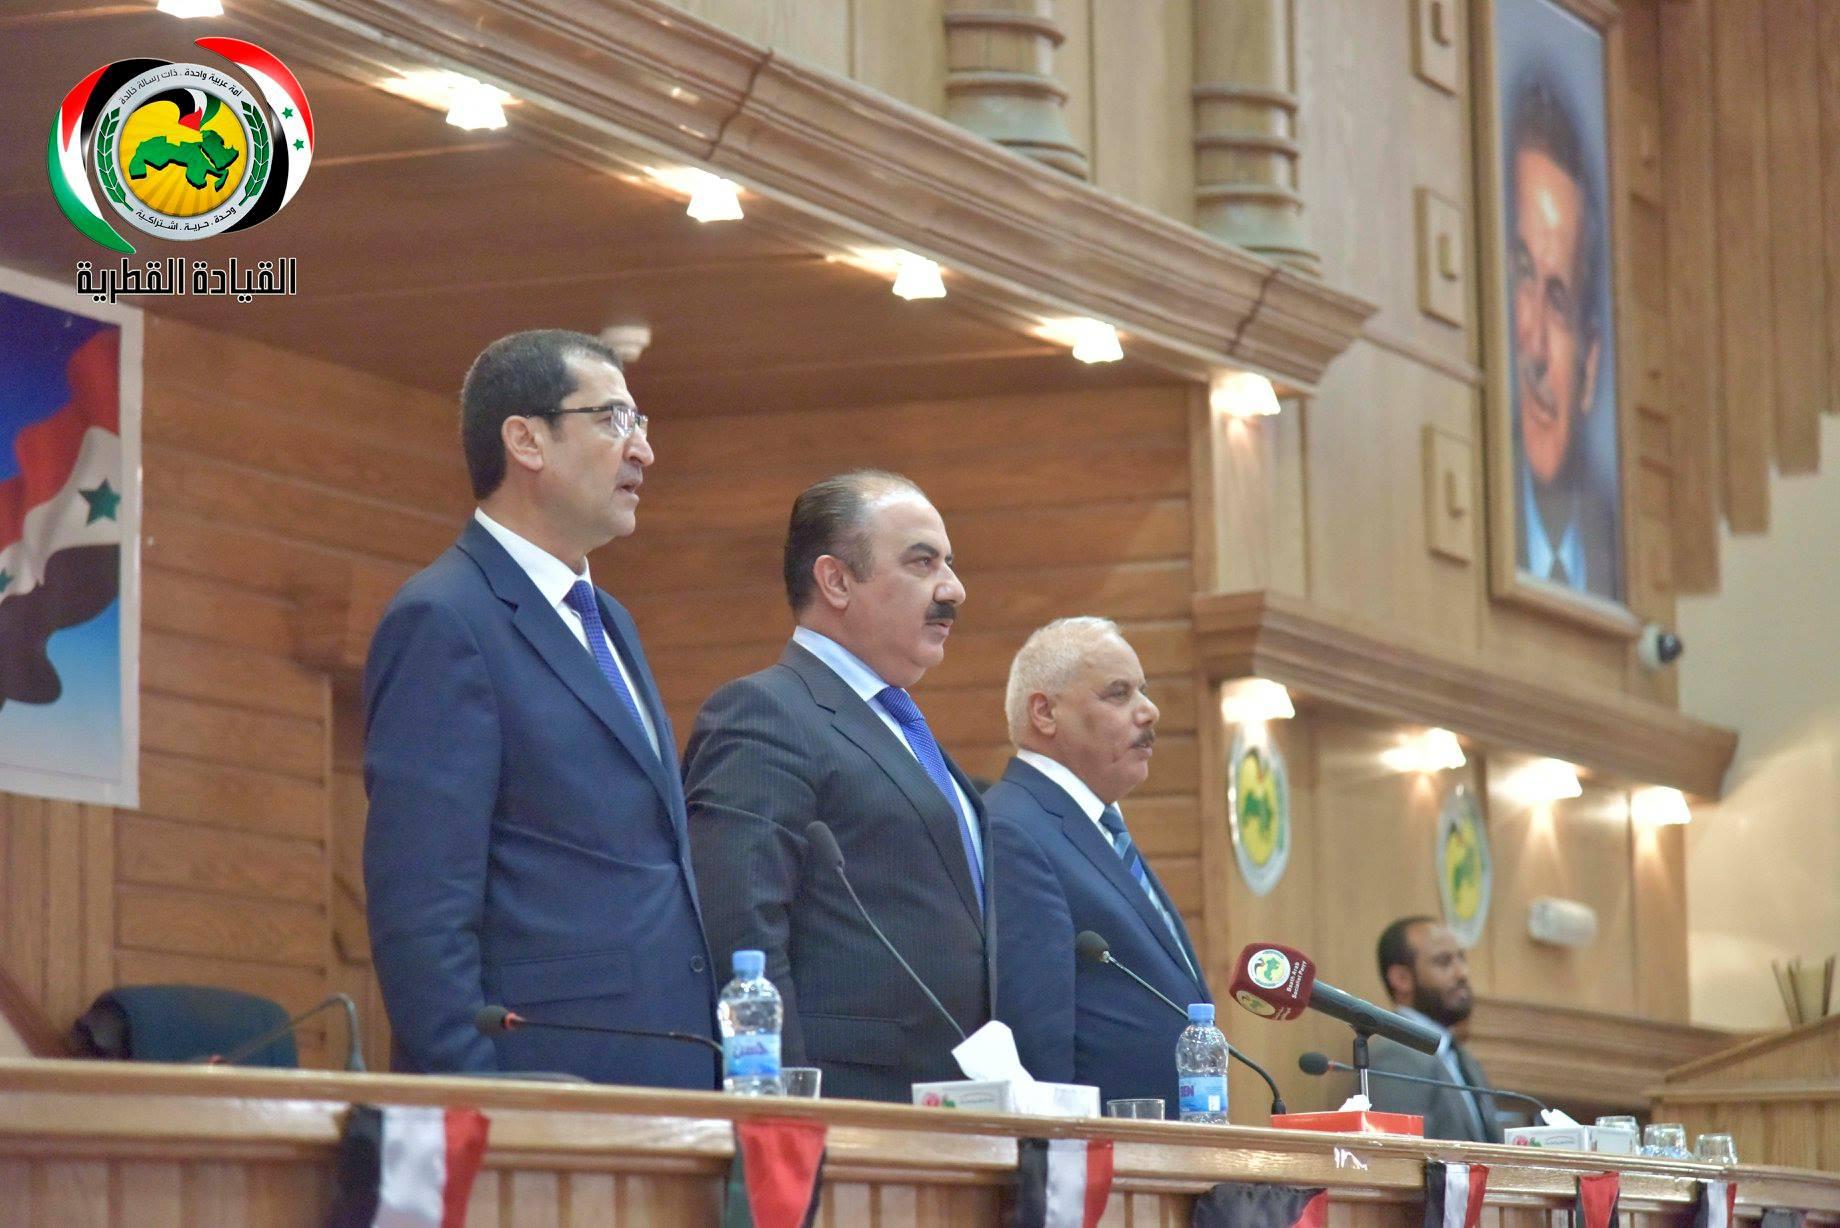 المهندس هلال الهلال الأمين القطري المساعد لحزب البعث العربي الاشتراكي - (صفحة الحزب في فيس بوك)